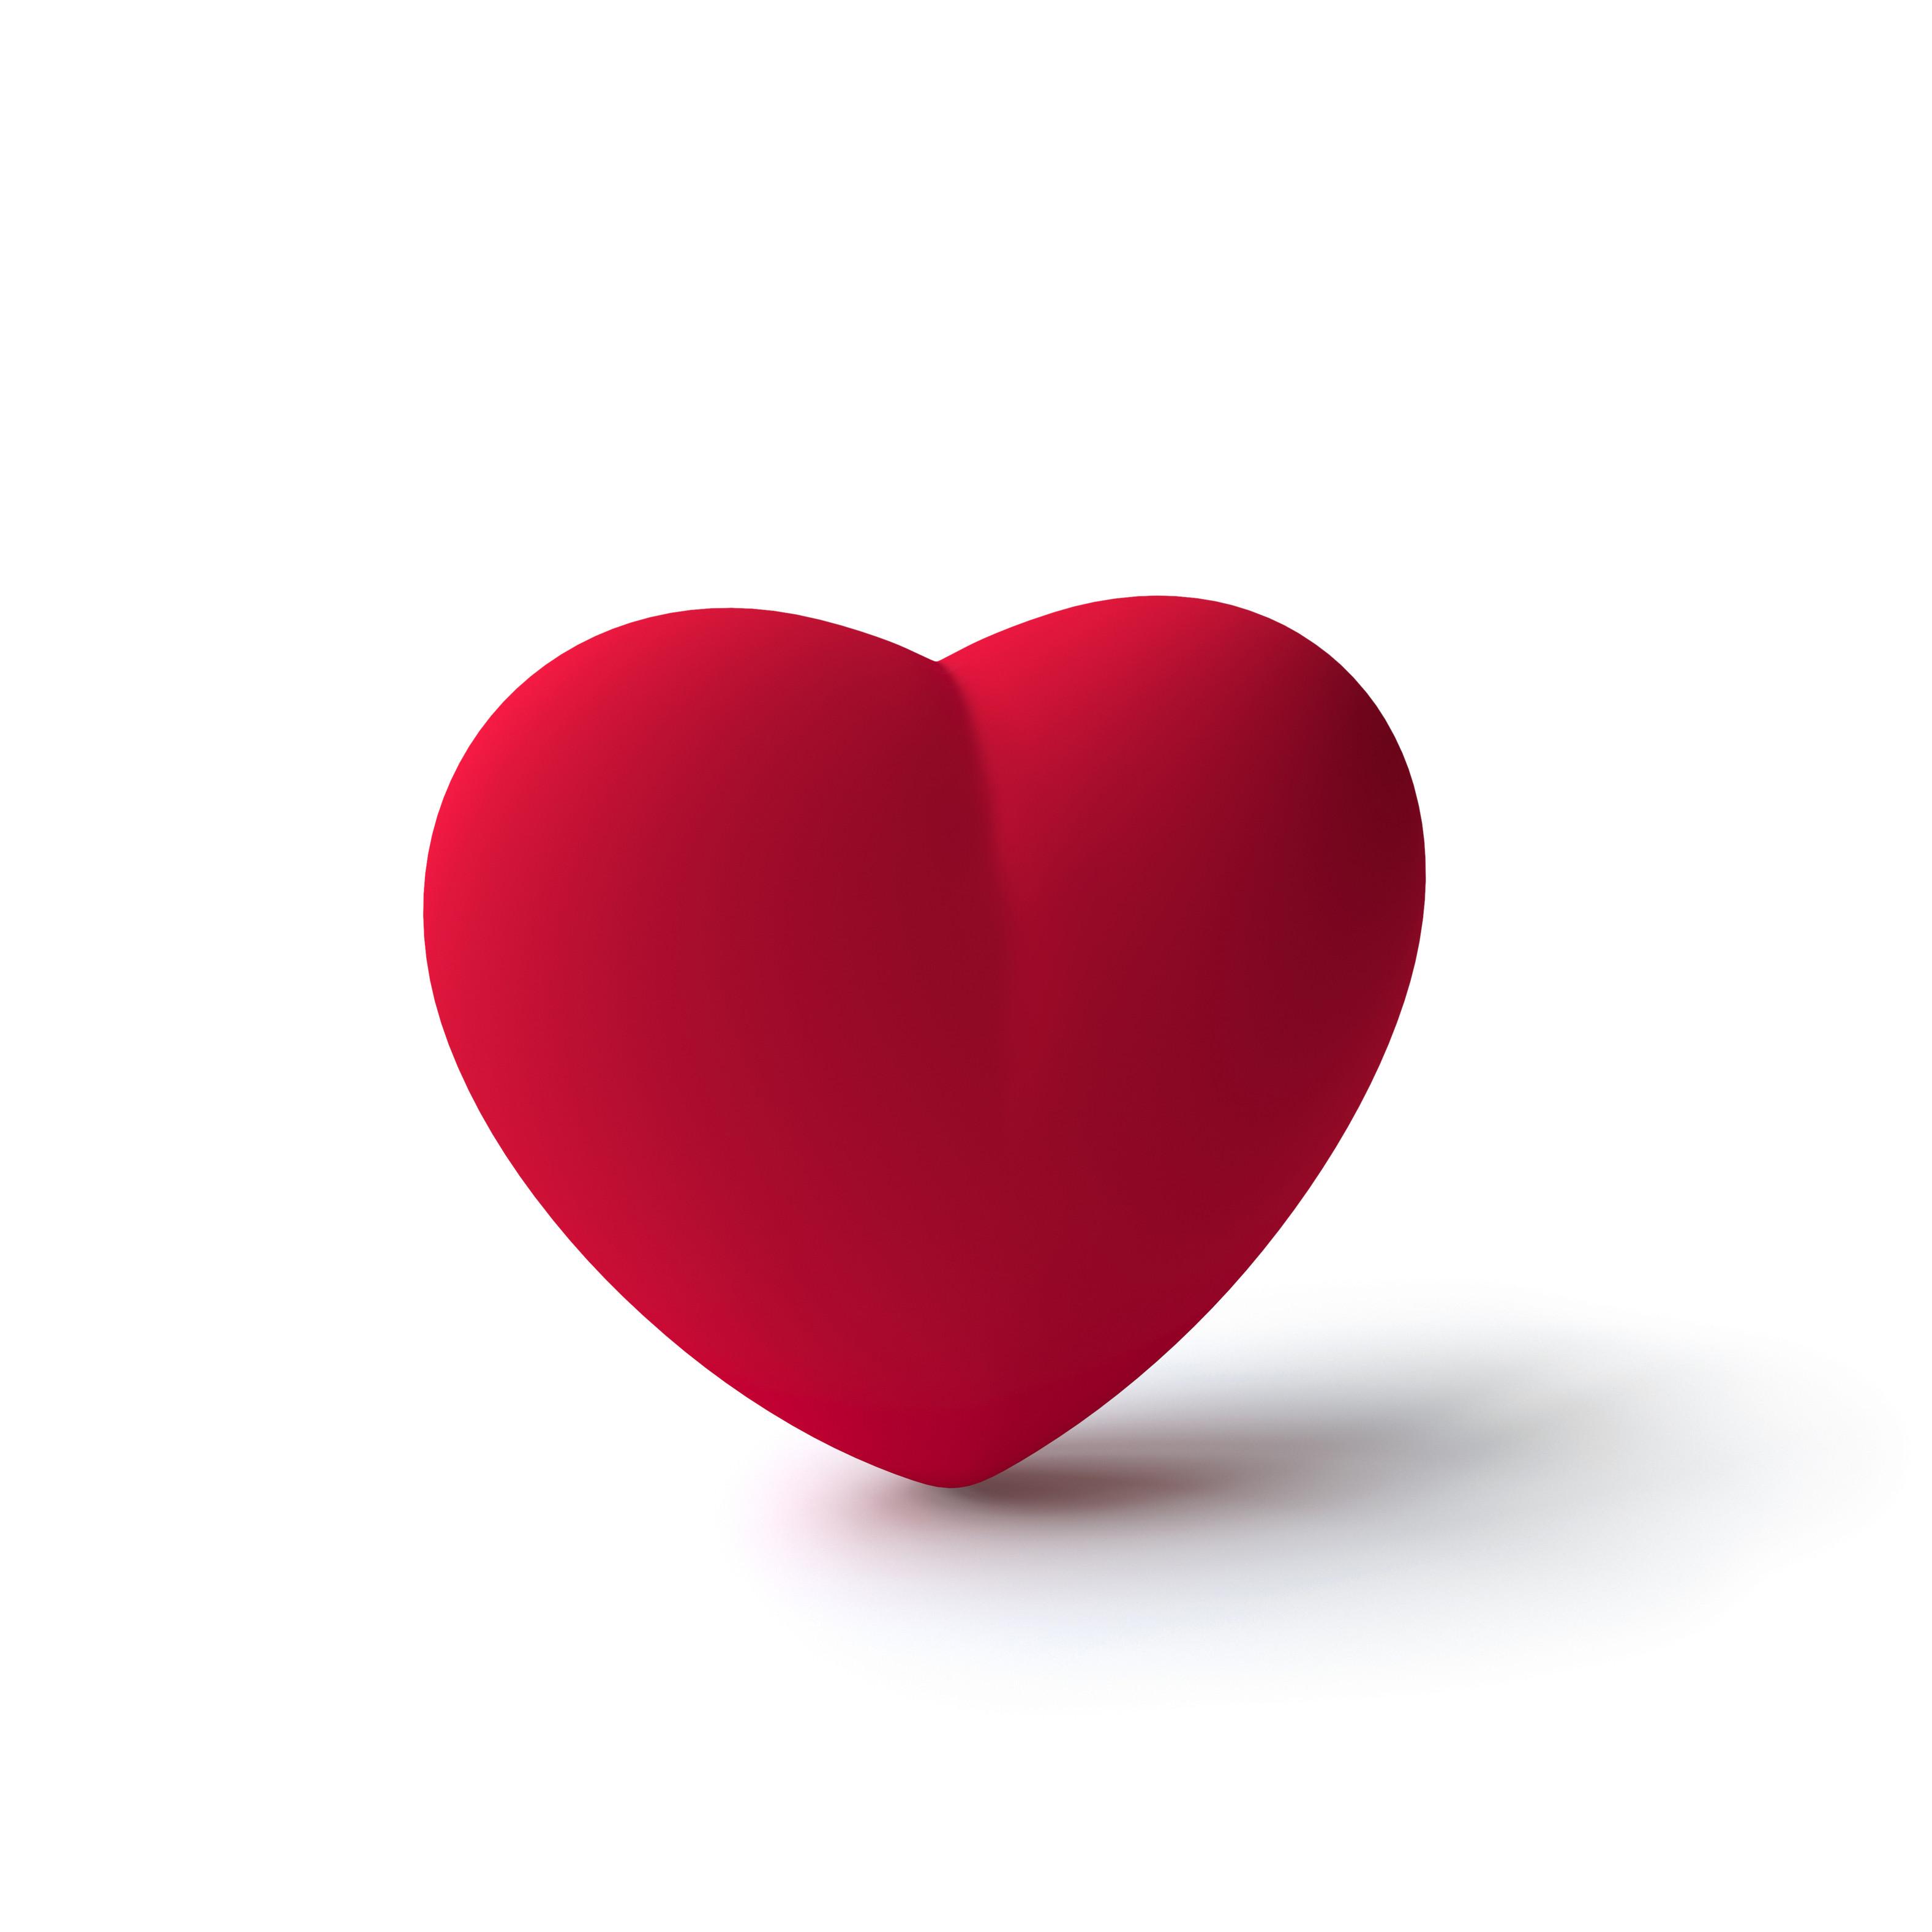 Sociedade Portuguesa de Cardiologia leva coração gigante ao NorteShopping